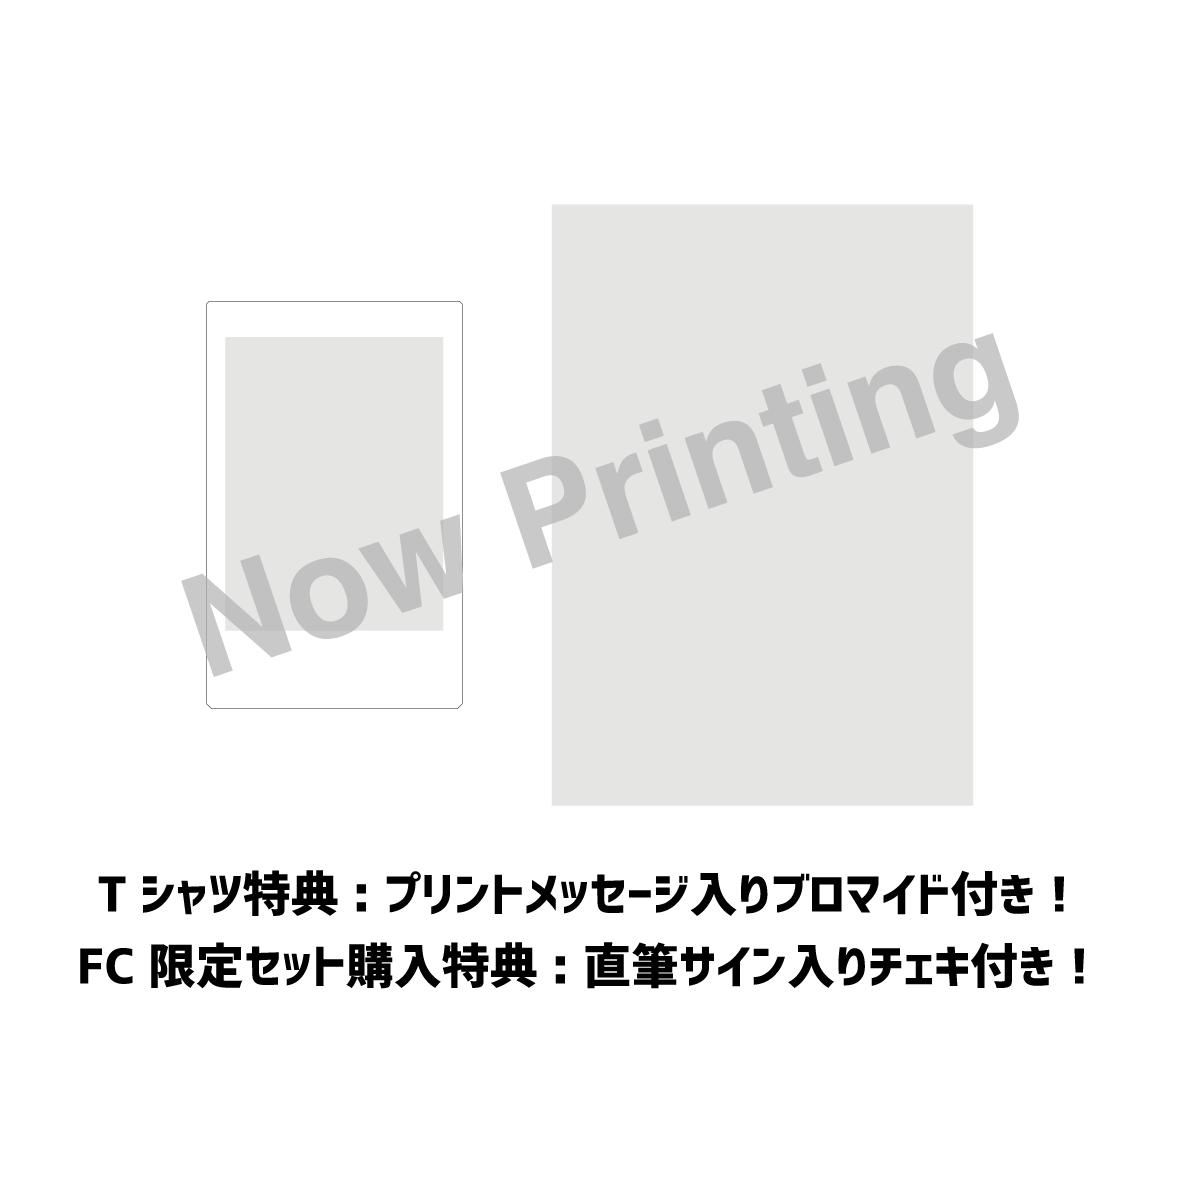 【FC限定直筆チェキ付】佐藤信長26thバースデーおまとめセット(Tシャツ/ブラック)